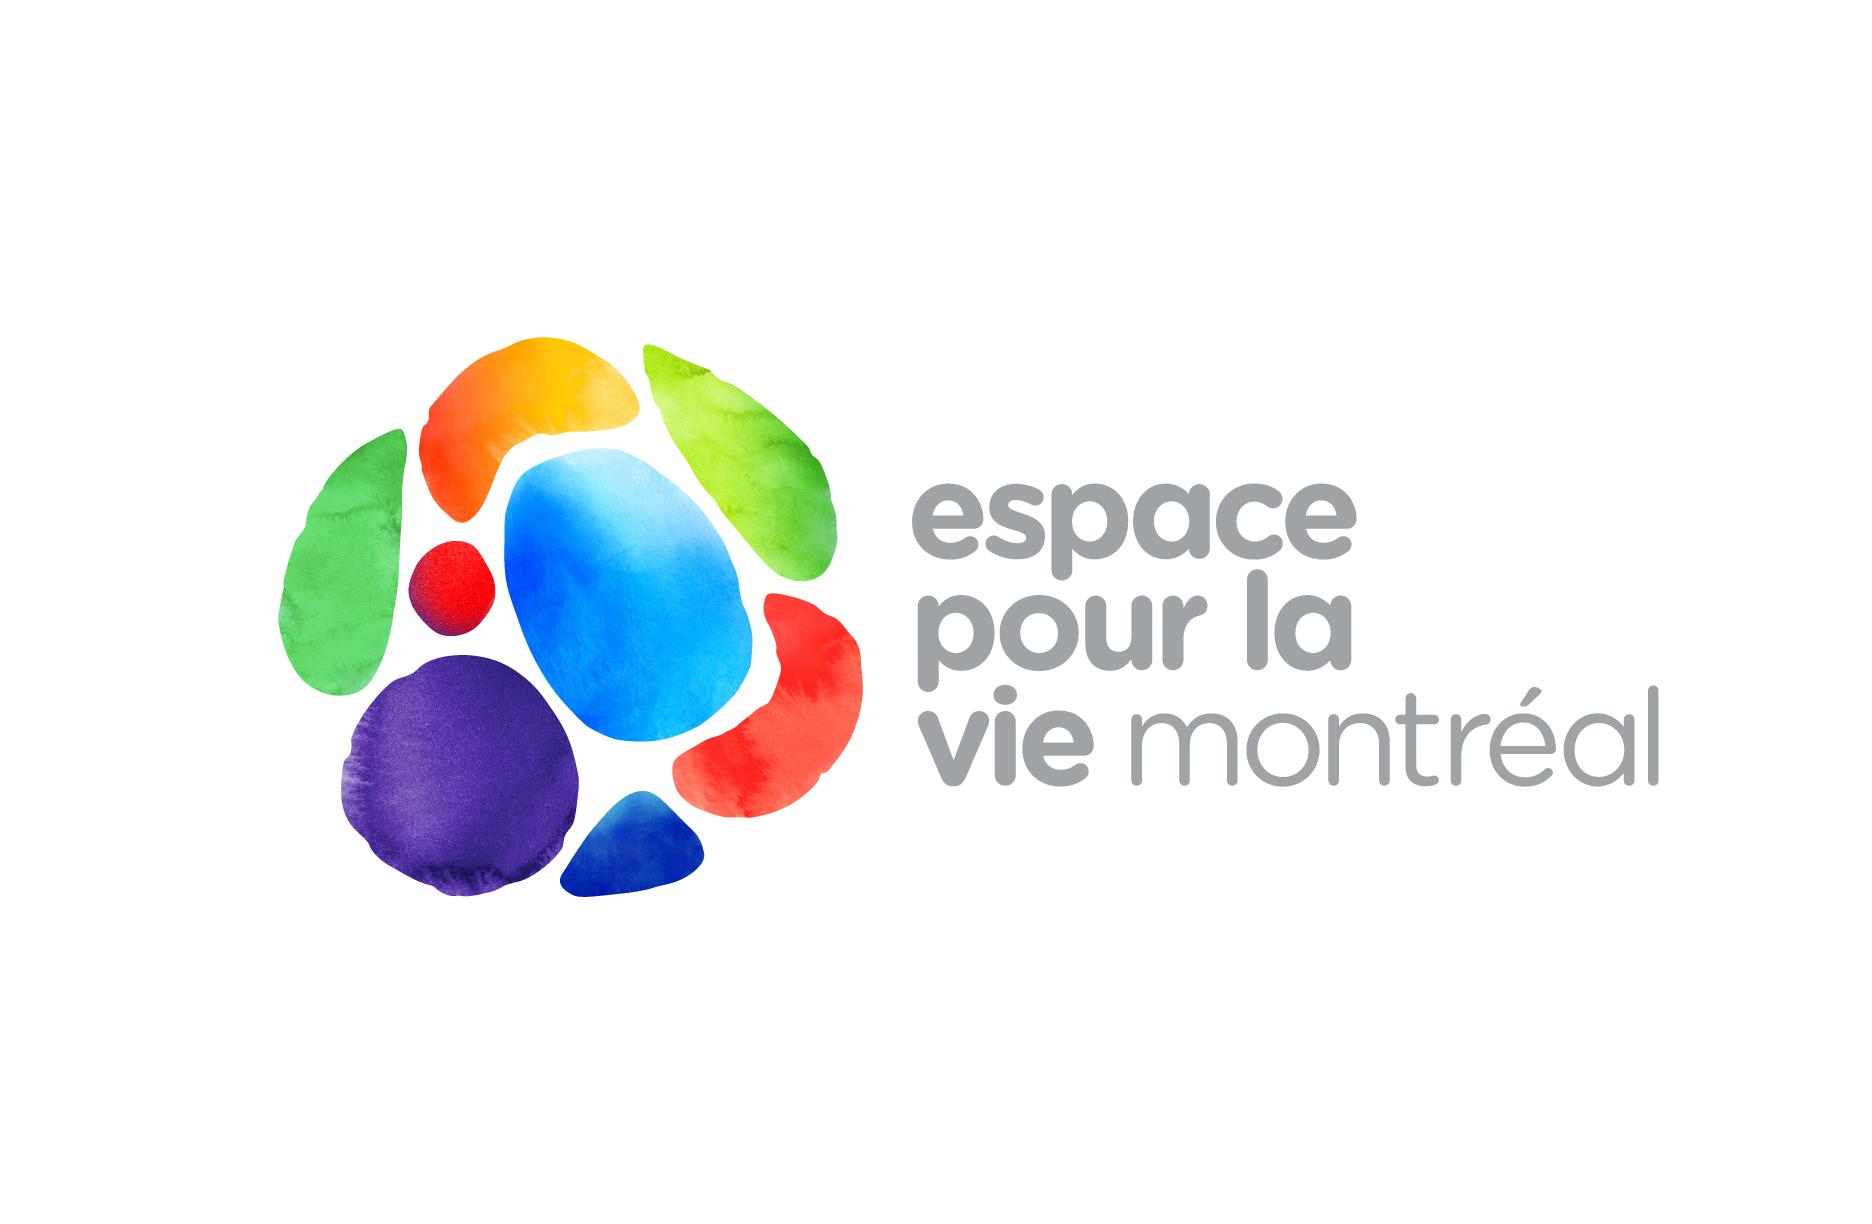 Espace pour la vie : pour cet organisme qui chapeaute le Jardin botanique, le Planétarium, le Biodôme et l'Insectarium de Montréal, conception d'une série d'évènements et de happenings pour l'année 2018.